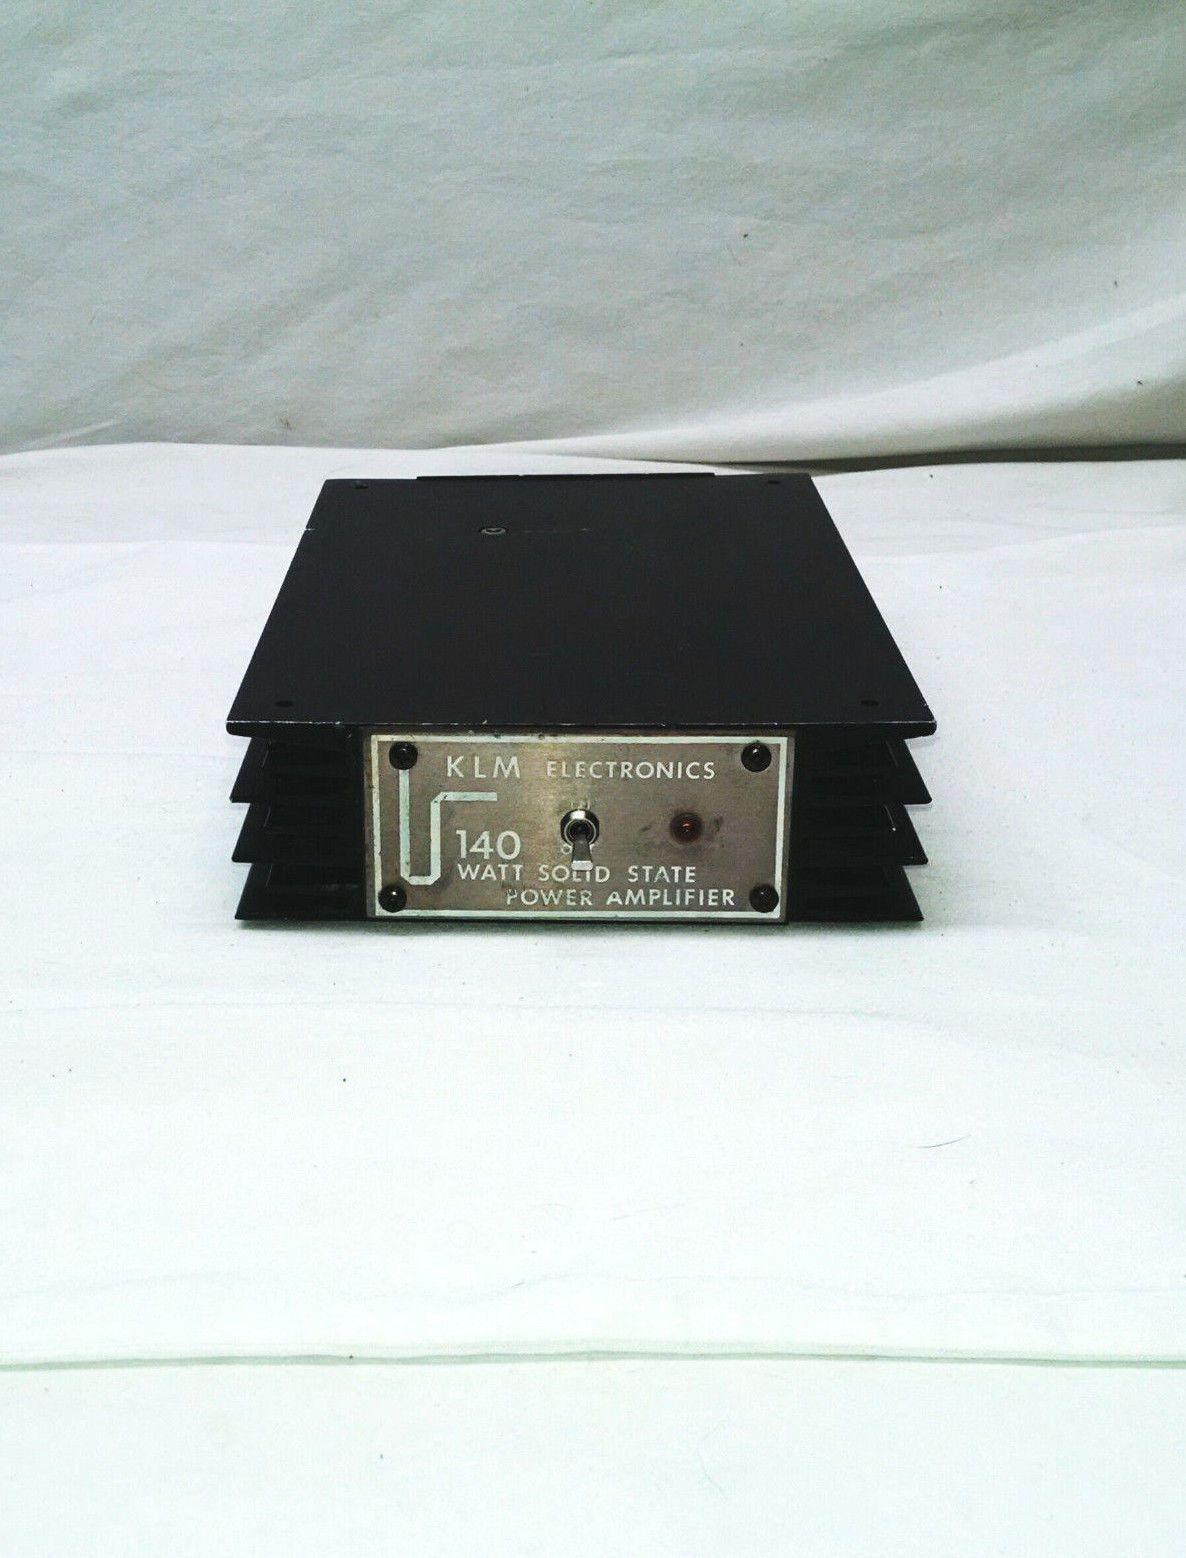 Vintage KLM 10 140B Ham Radio Power Amplifier 2 Meter 140 Watt